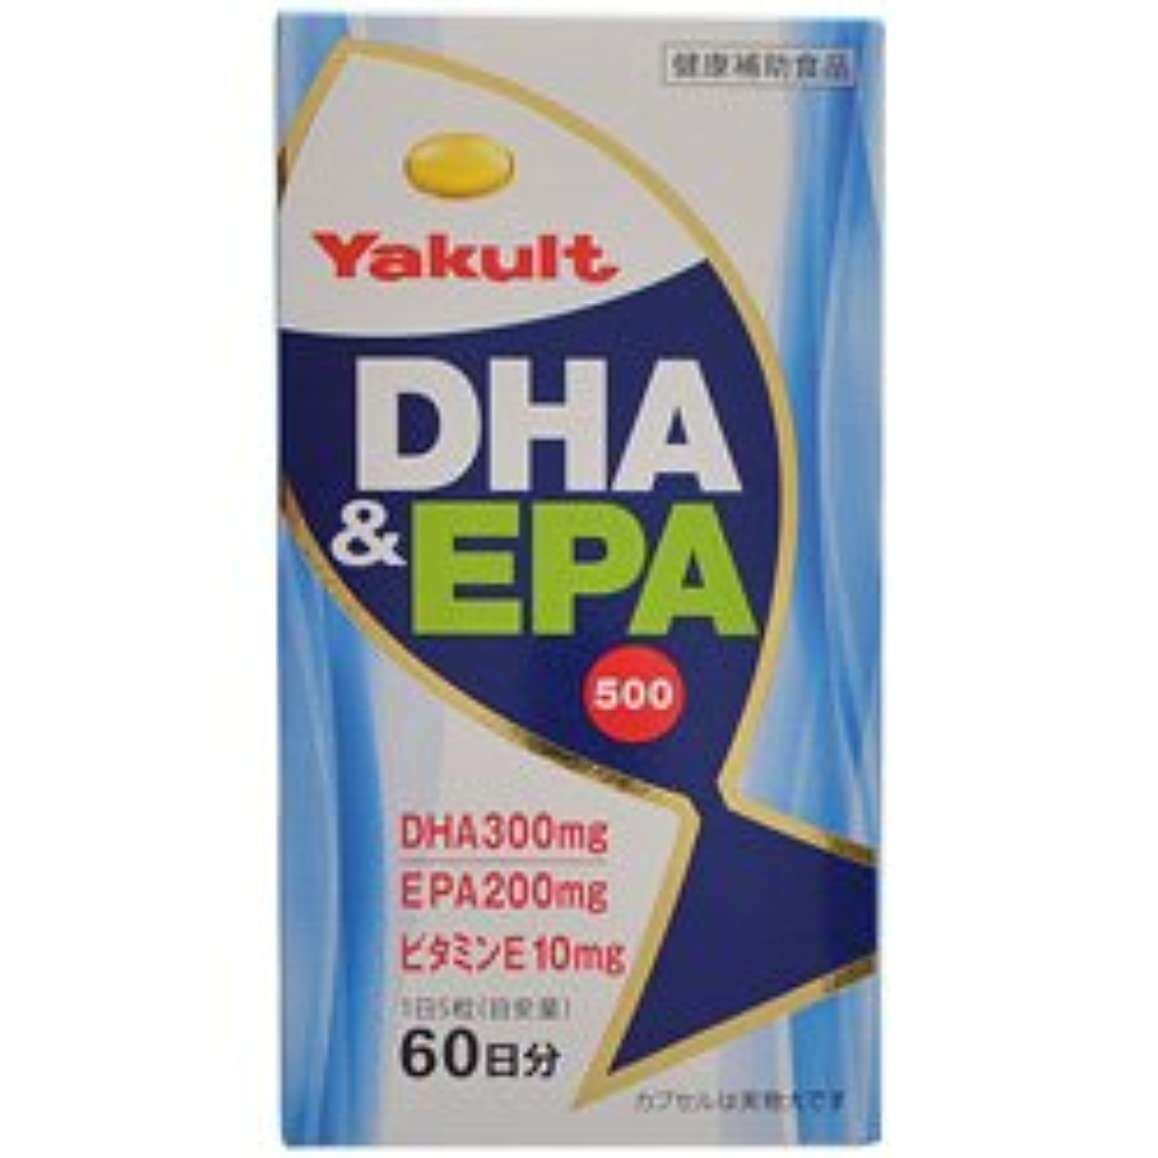 目を覚ます農場チョコレート【ヤクルトヘルスフーズ】DHA&EPA 500 300粒 ×20個セット